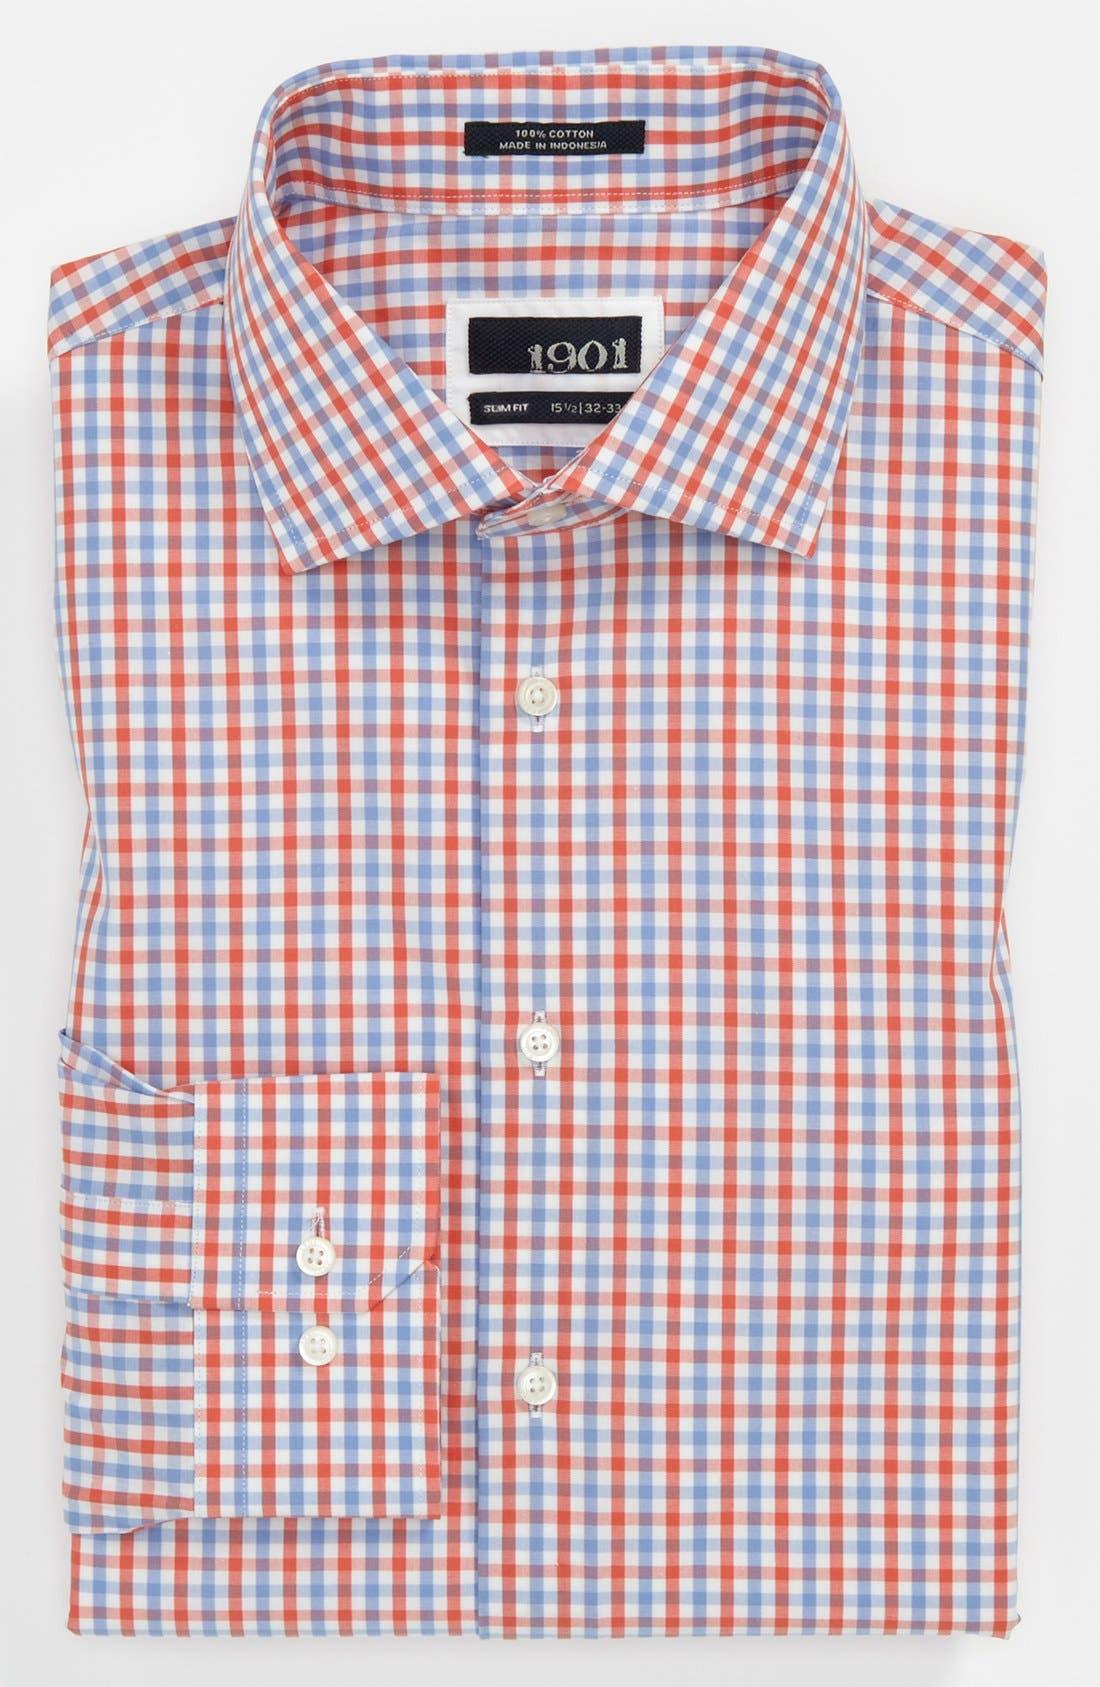 Alternate Image 1 Selected - 1901 Slim Fit Dress Shirt